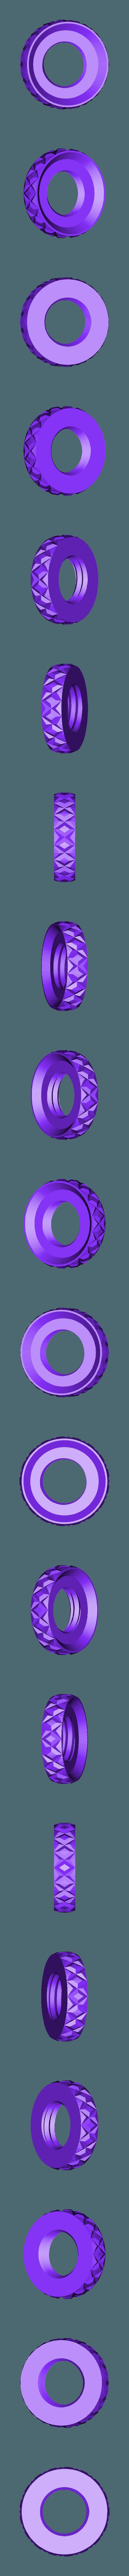 hubnut.stl Télécharger fichier SCAD gratuit Papier imprimé WindMill v0 • Modèle pour imprimante 3D, Wachet